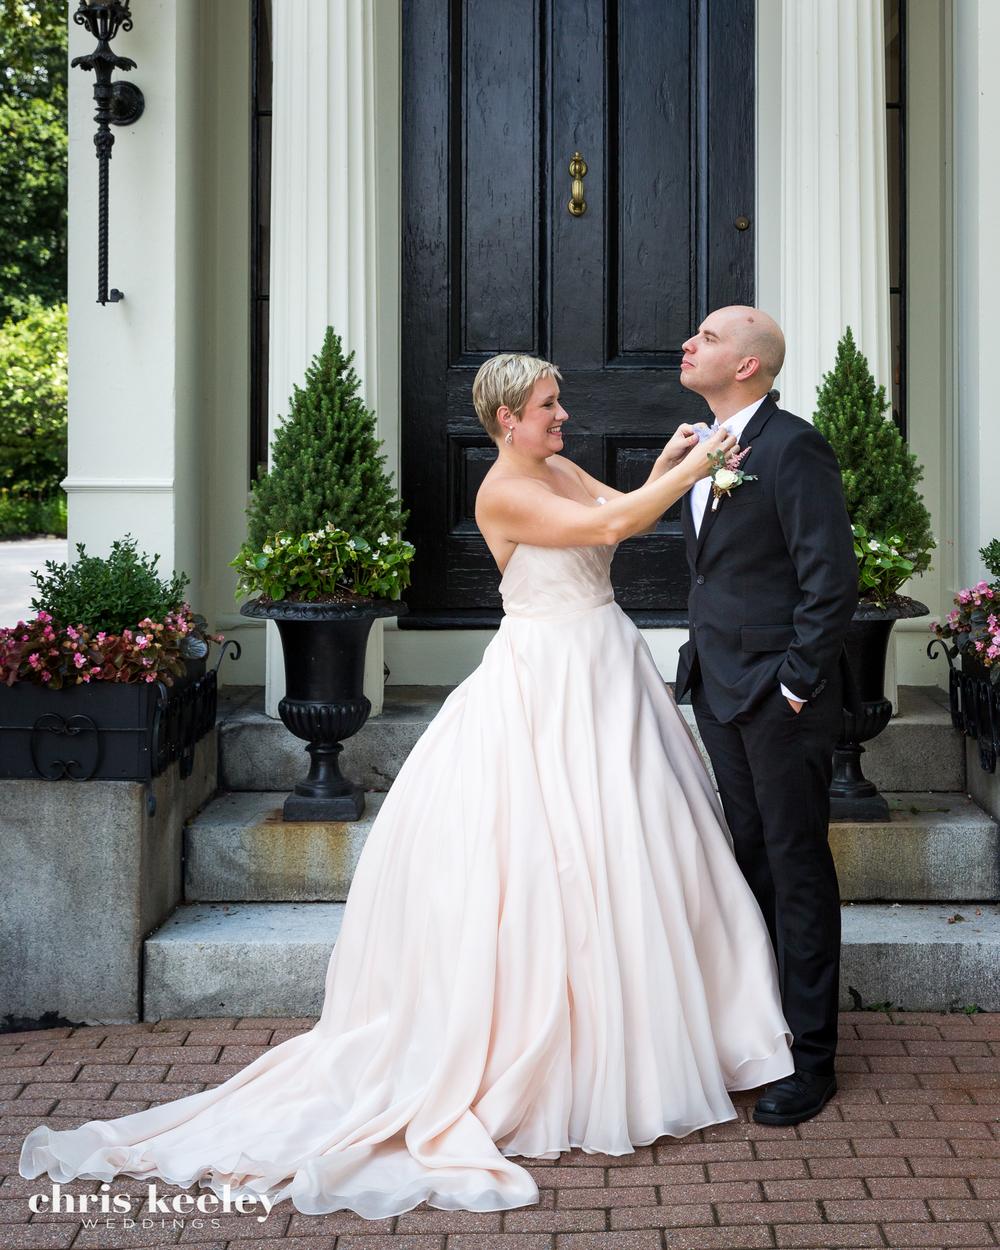 1130-Chris-Keeley-Weddings-829-Edit wmk.jpg